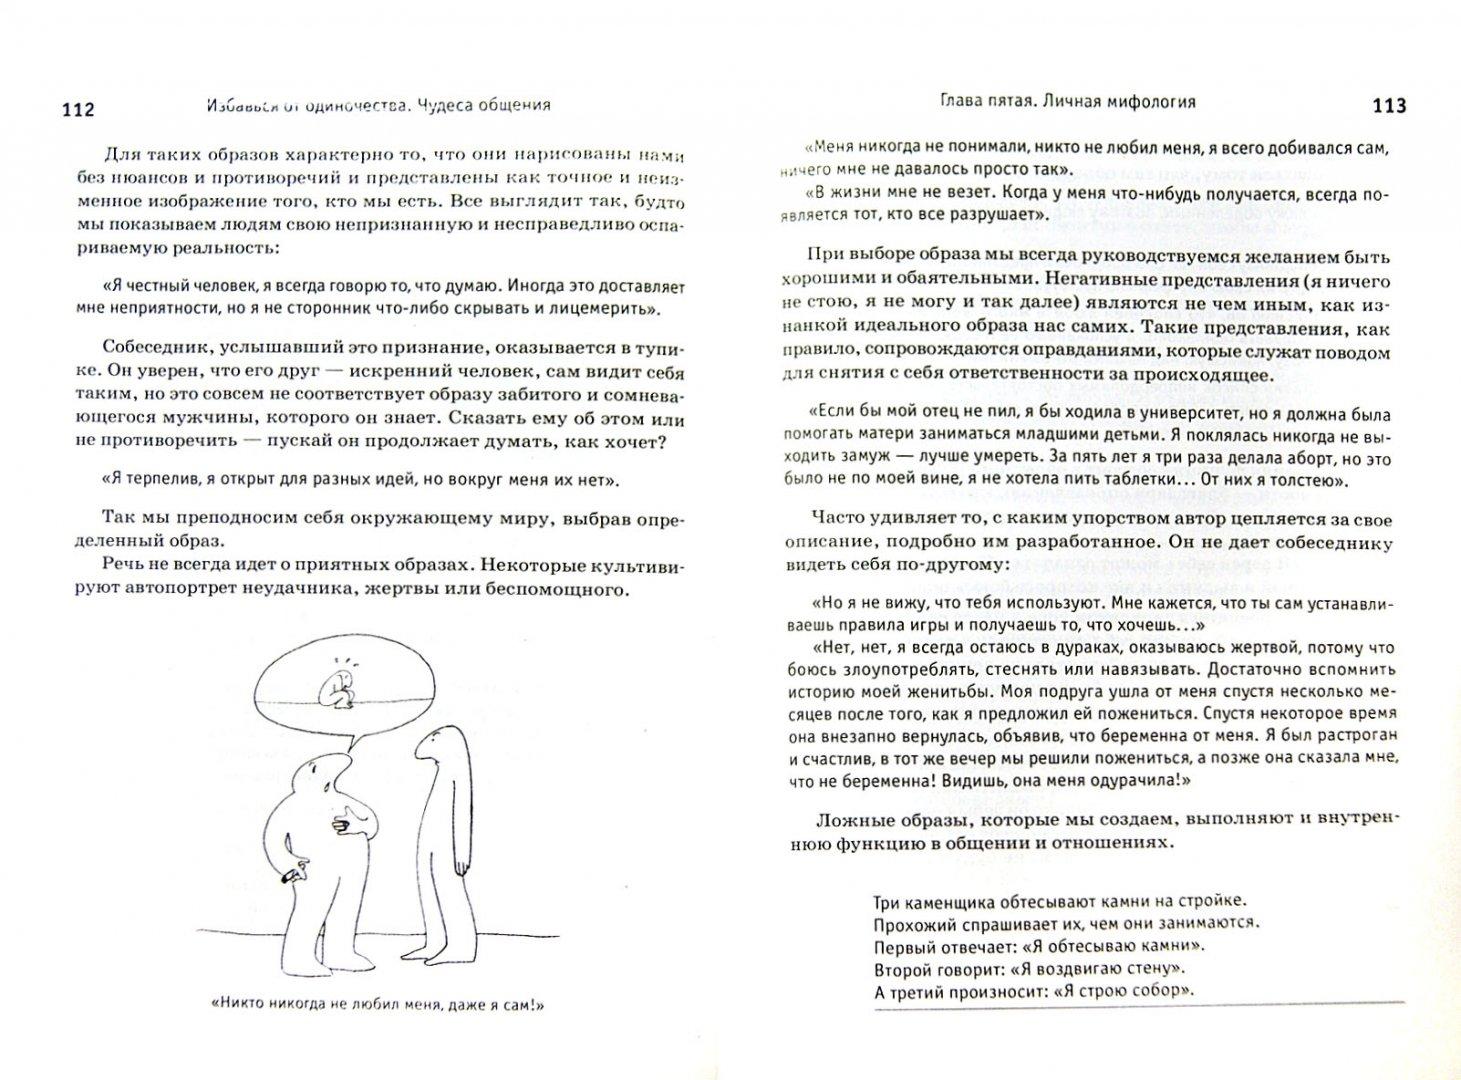 Иллюстрация 1 из 4 для Избавься от одиночества. Чудо общения - Саломе, Галланд | Лабиринт - книги. Источник: Лабиринт